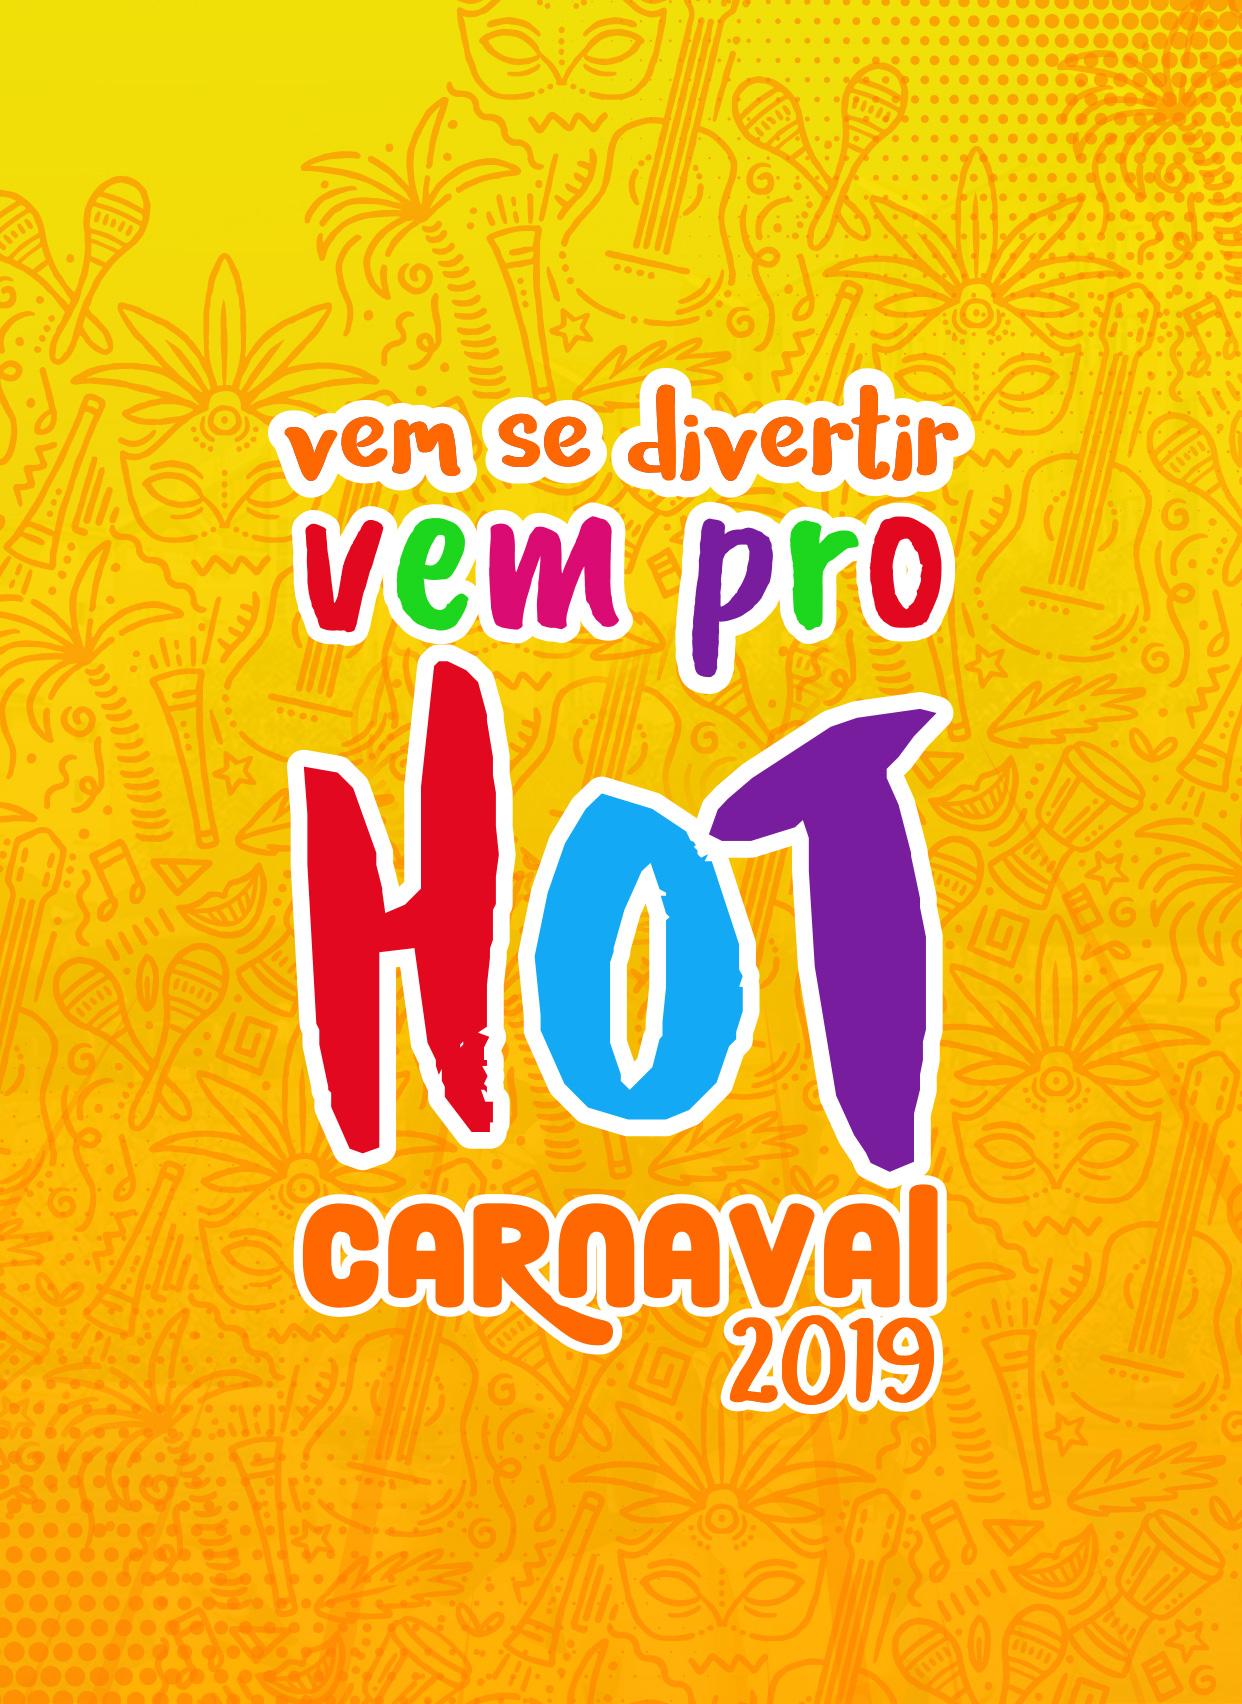 Carnaval em Caldas Novas 2019